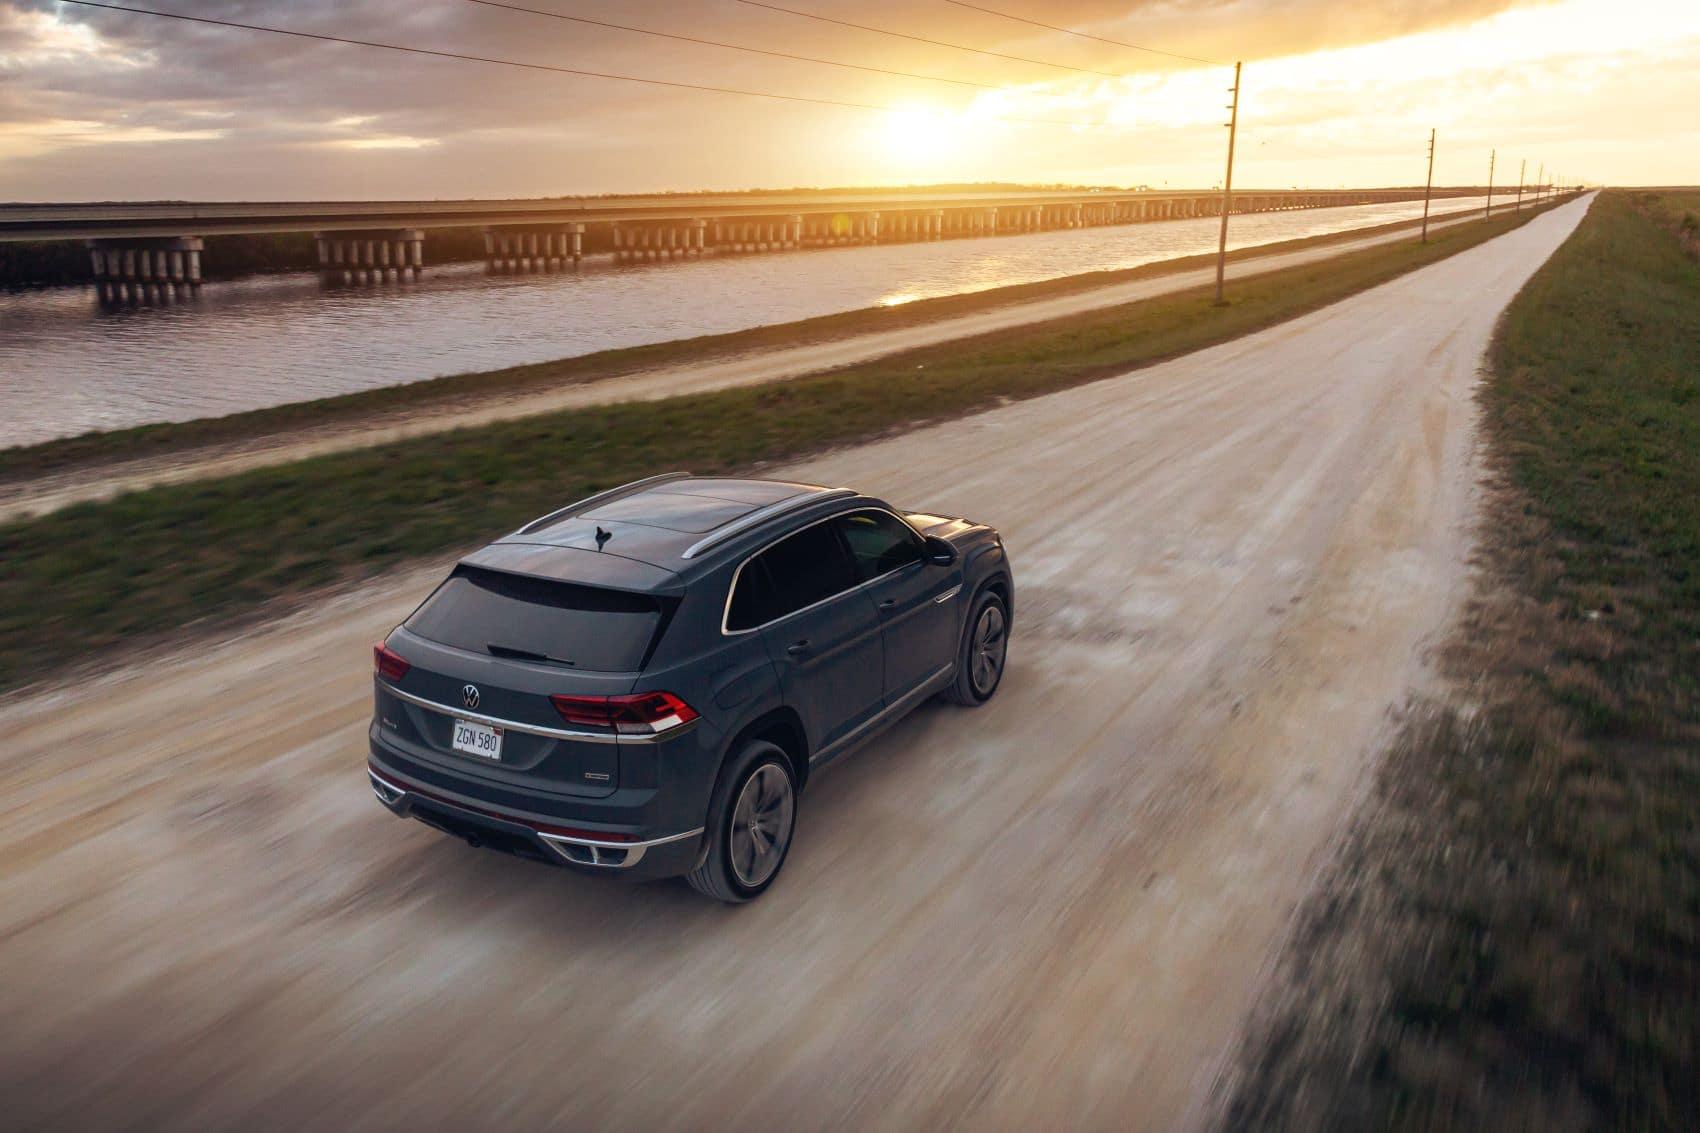 Tourmaline Blue Metallic VW Atlas Cross Sport driving on a dirt road